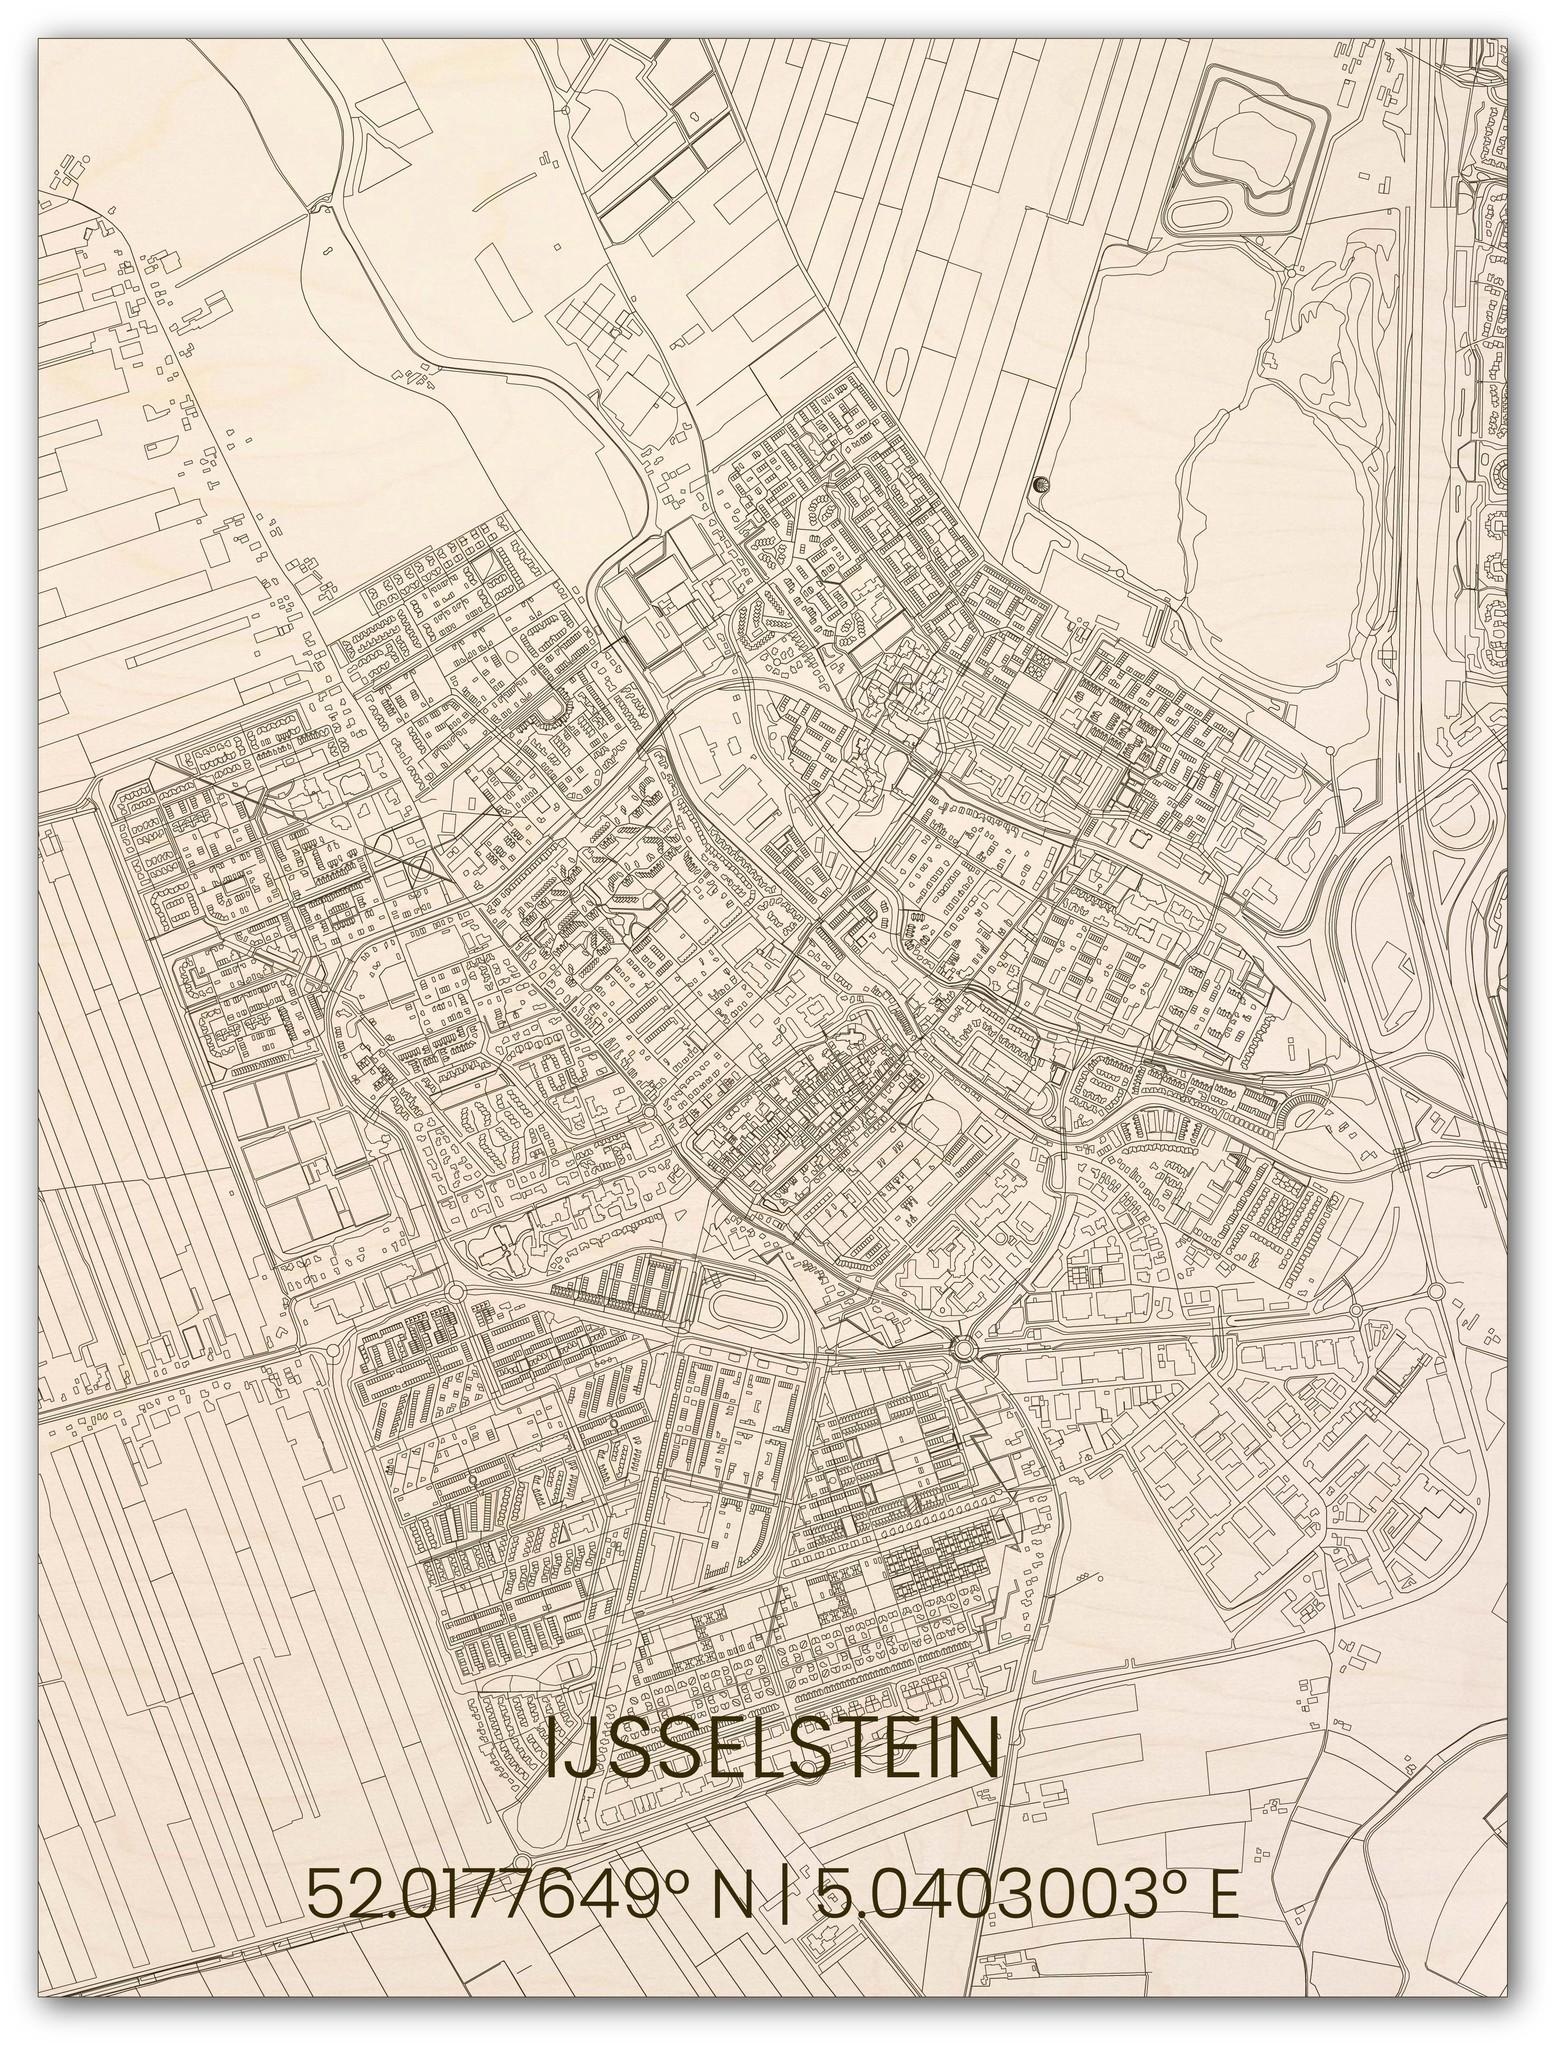 Houten stadsplattegrond Ijsselstein-1